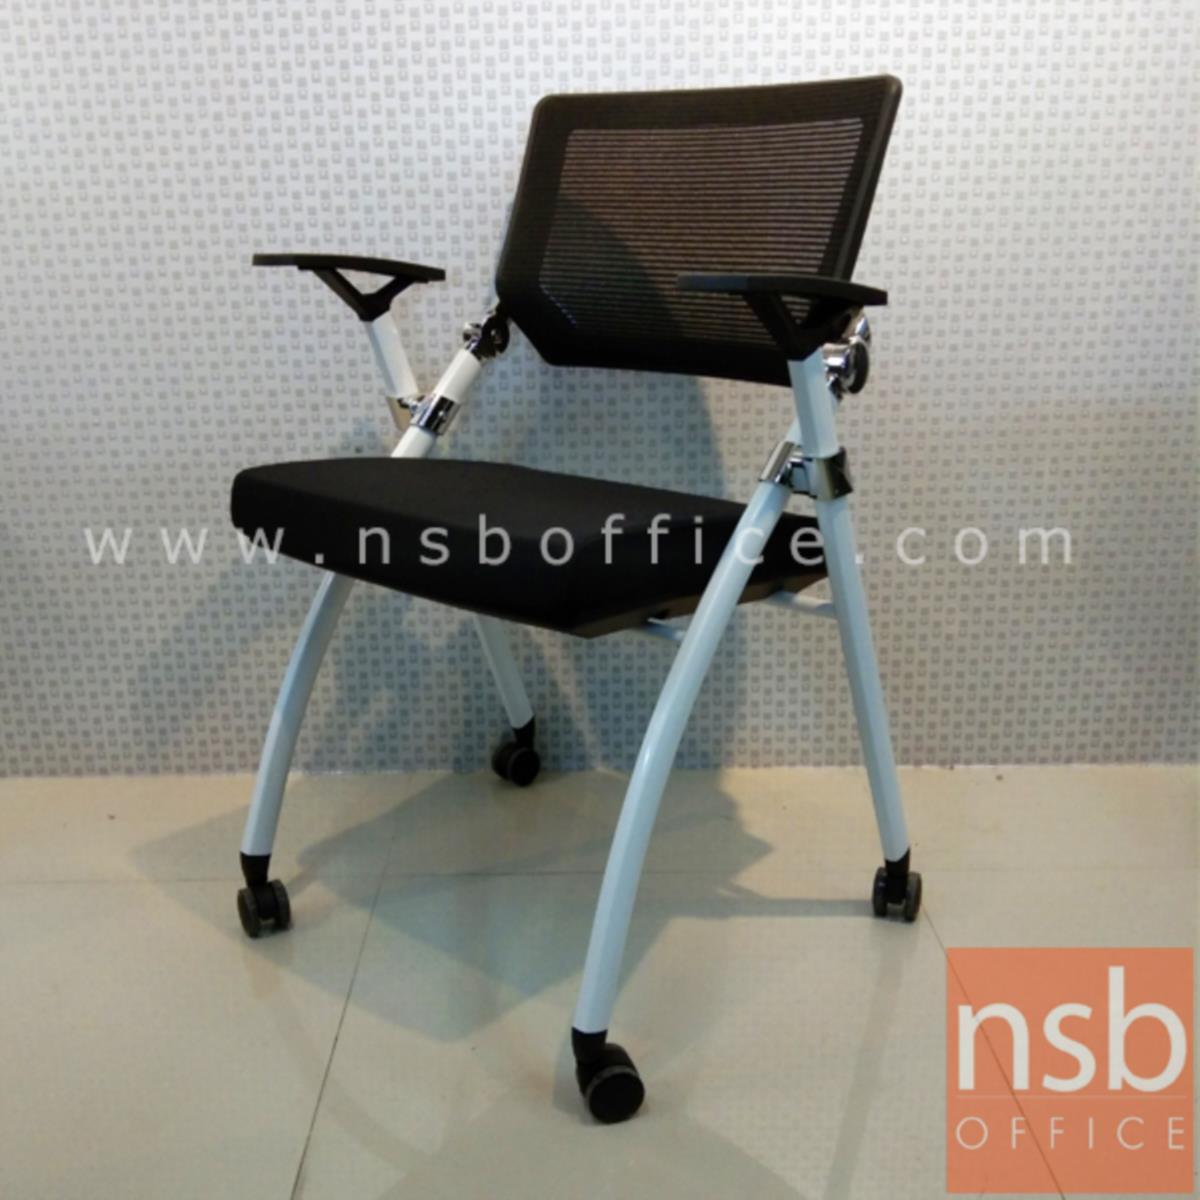 เก้าอี้สำนักงานหลังเน็ต รุ่น Houdini (ฮูดินี)  ขาเหล็กพ่นสีขาว